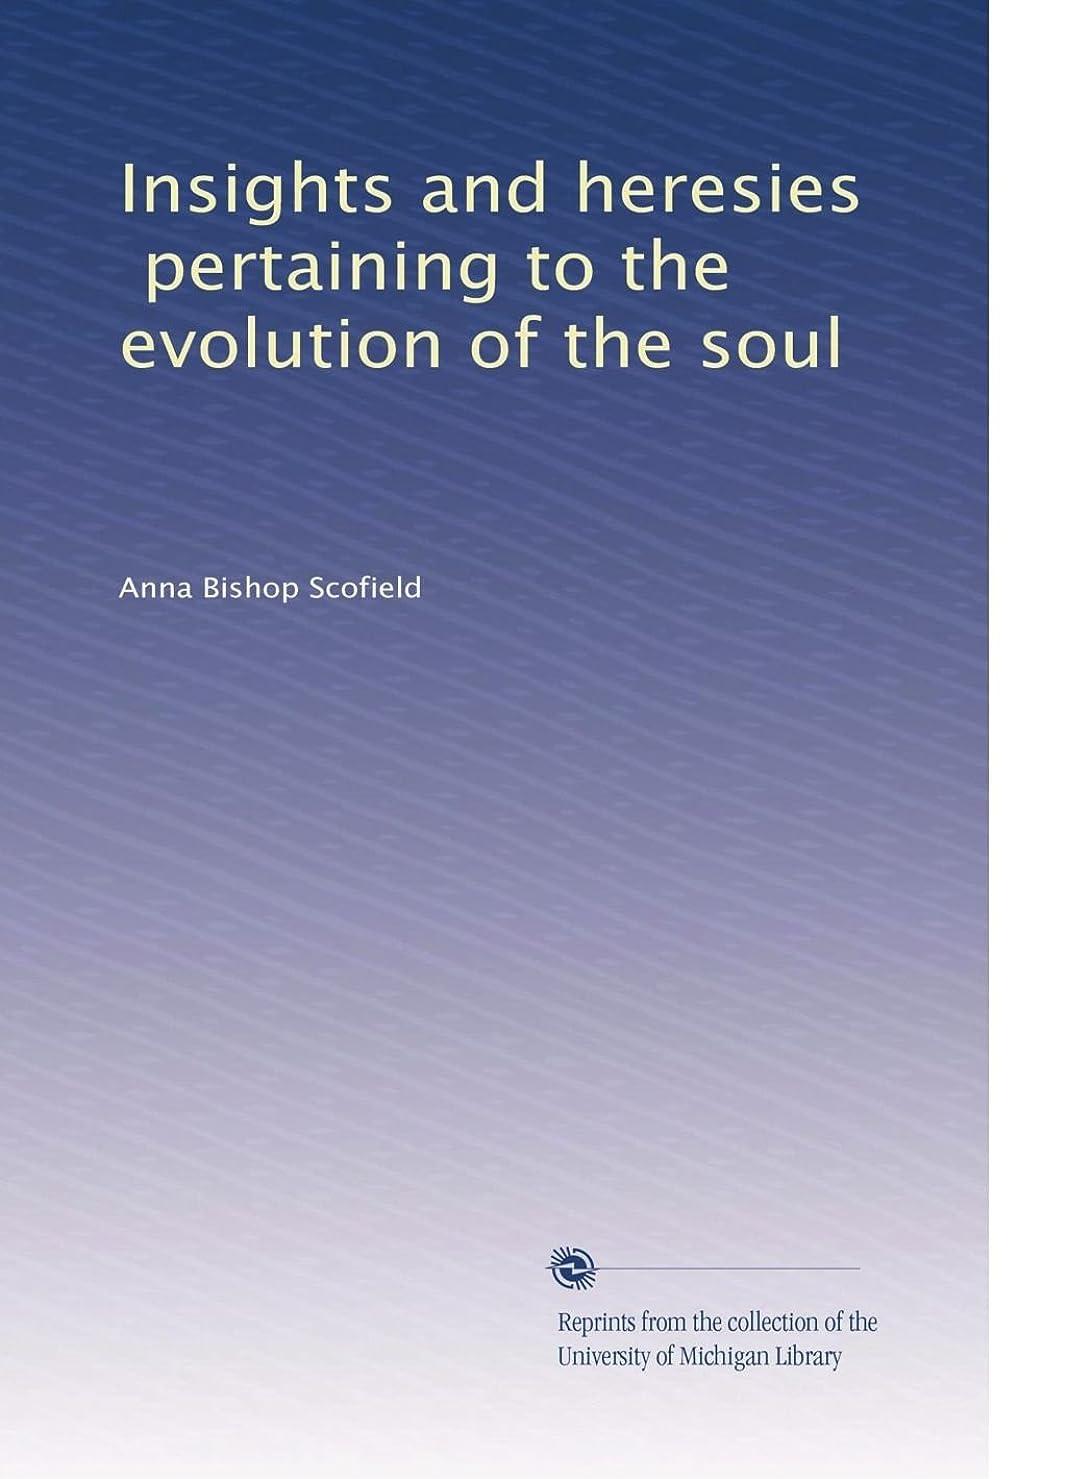 輝度評決推進Insights and heresies, pertaining to the evolution of the soul